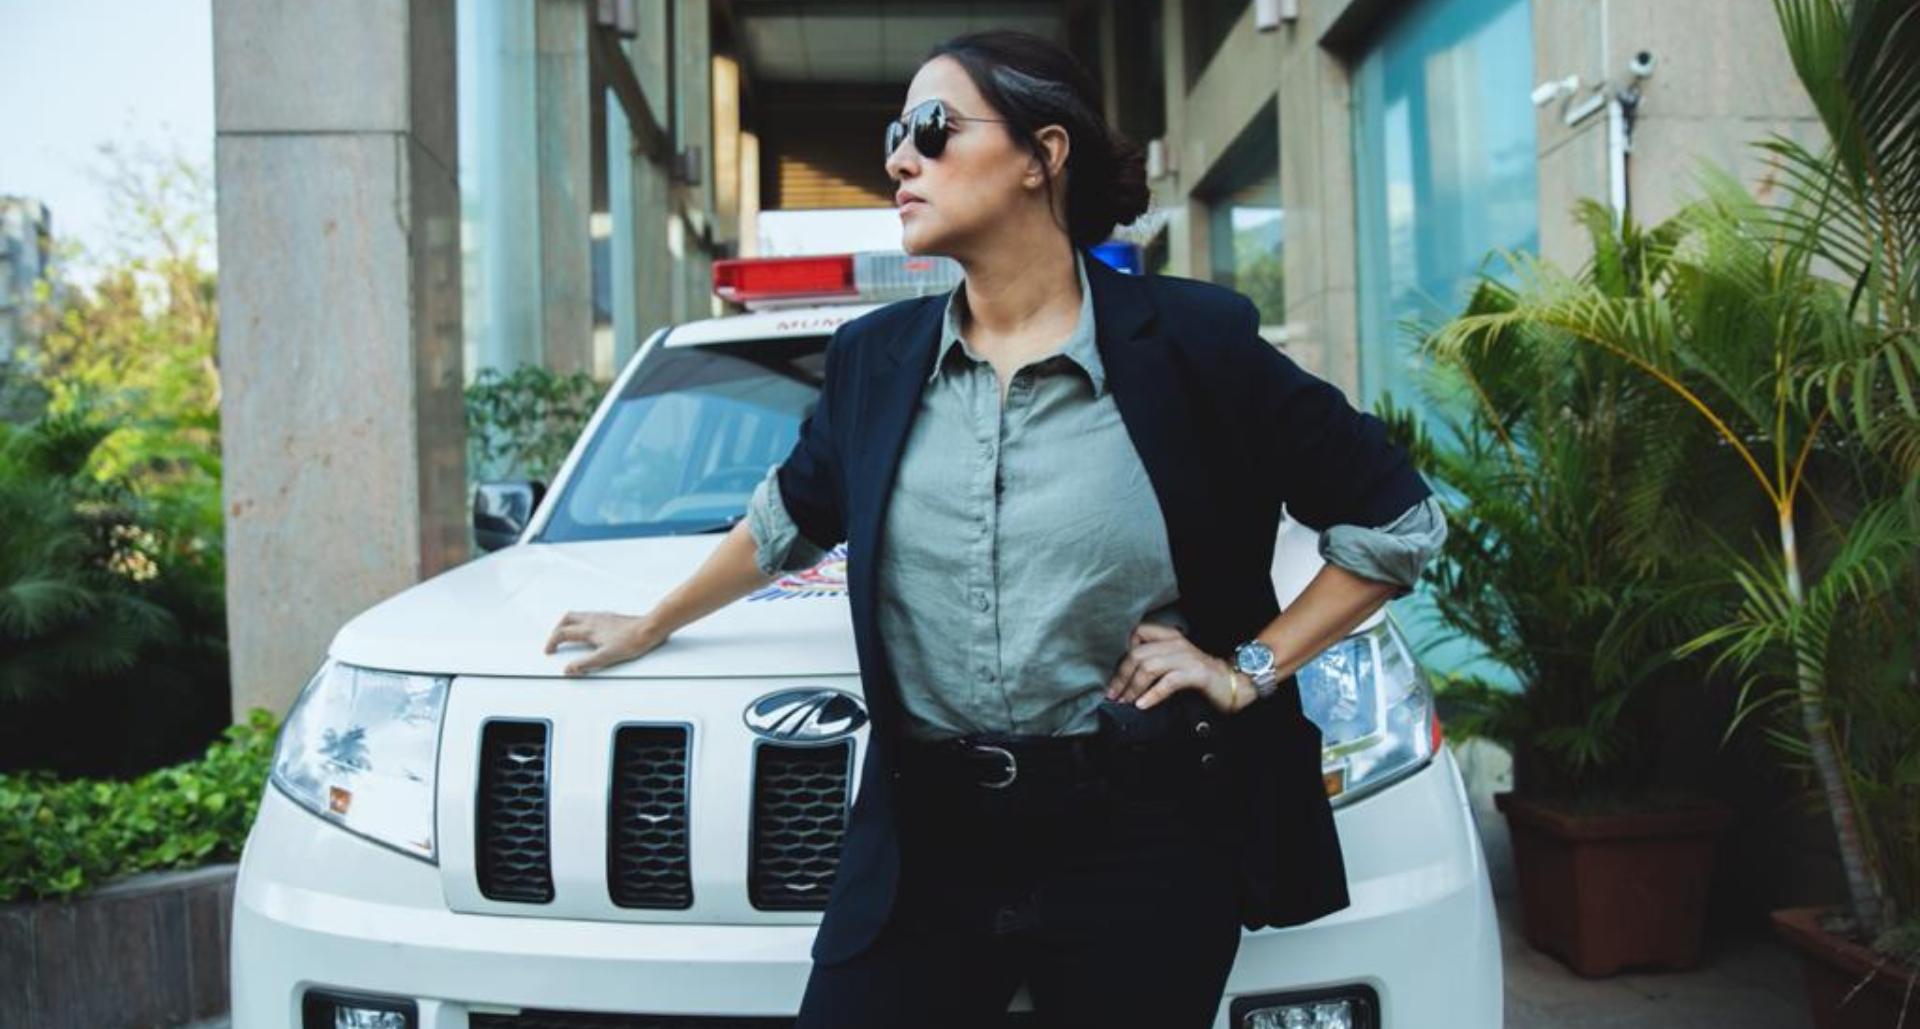 'ए थर्सडे' में पुलिस की भूमिका में दिखेंगी नेहा धूपिया, देखिये उनका फर्स्ट धाकड़ लुक!